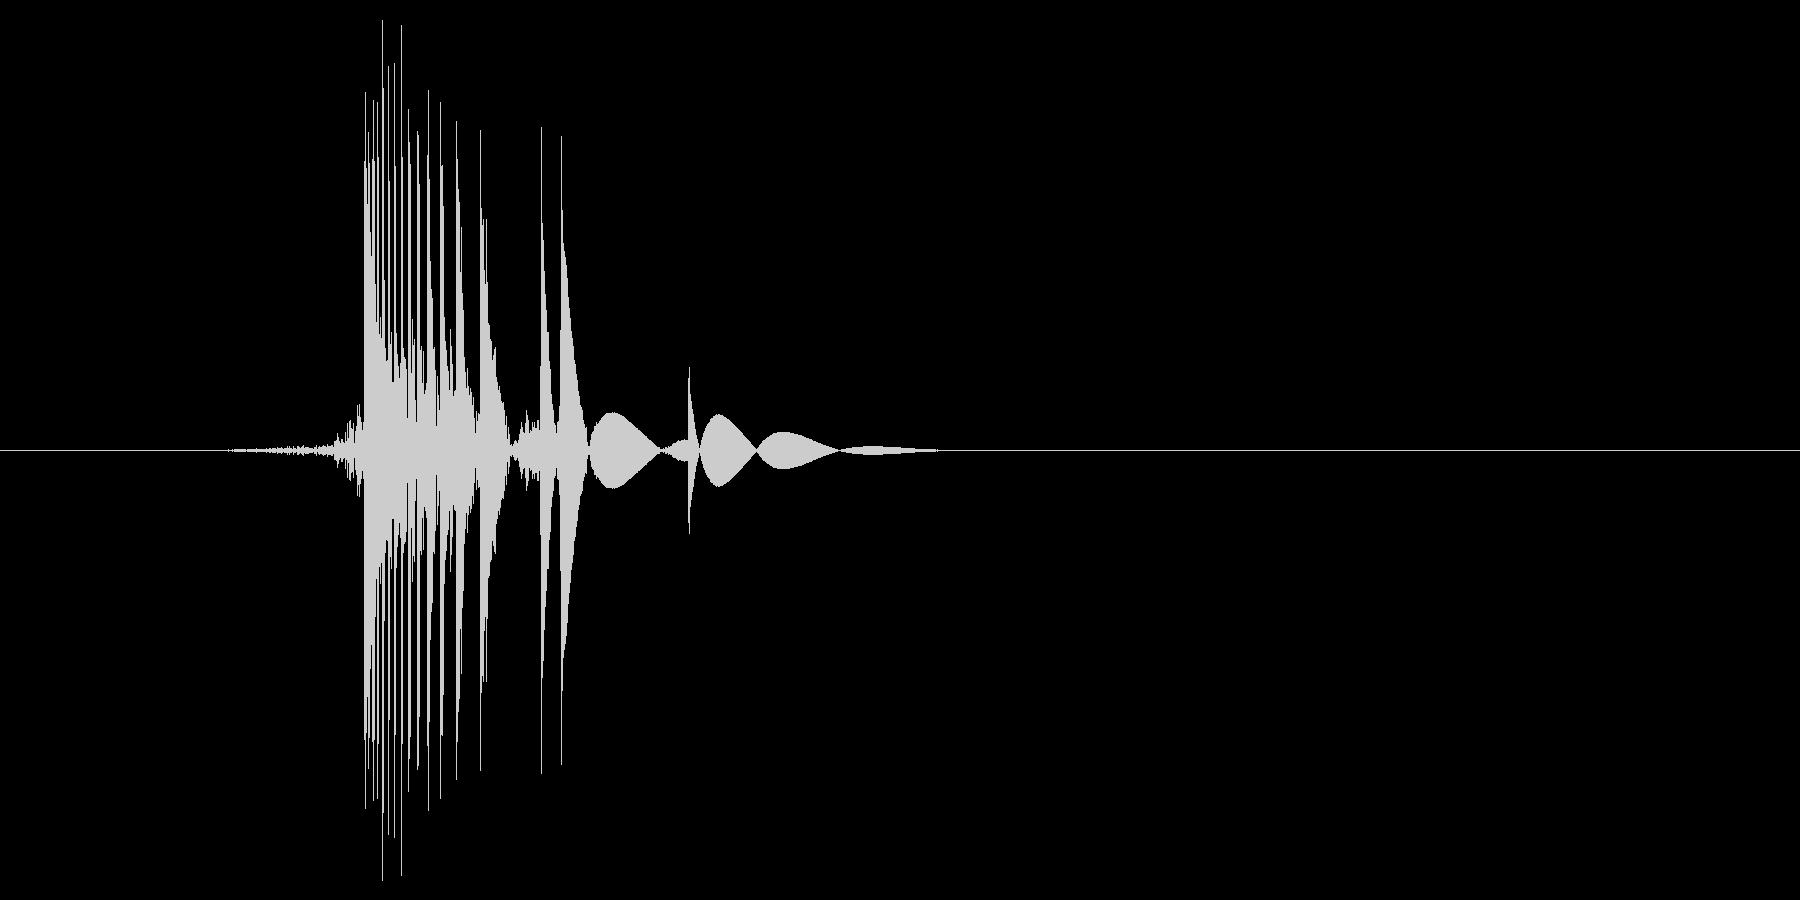 ゲーム(ファミコン風)ヒット音_033の未再生の波形